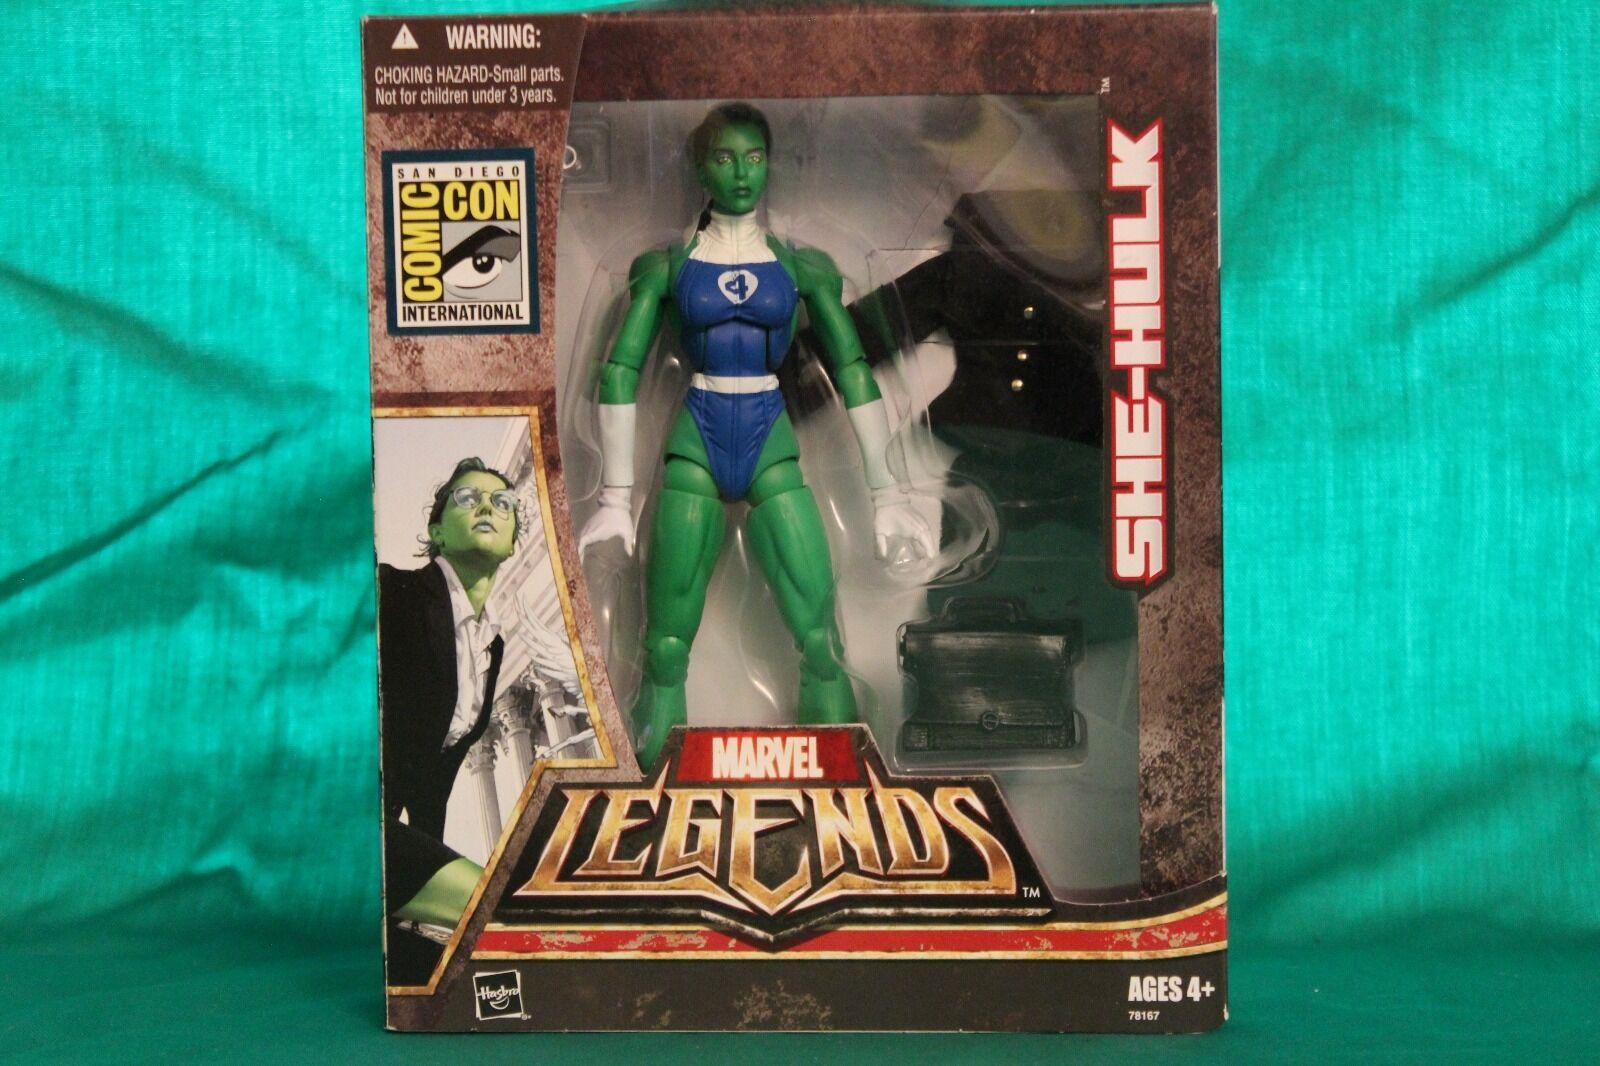 Marvel Legends She-Hulk SDCC Exclusive Box Set (2007)